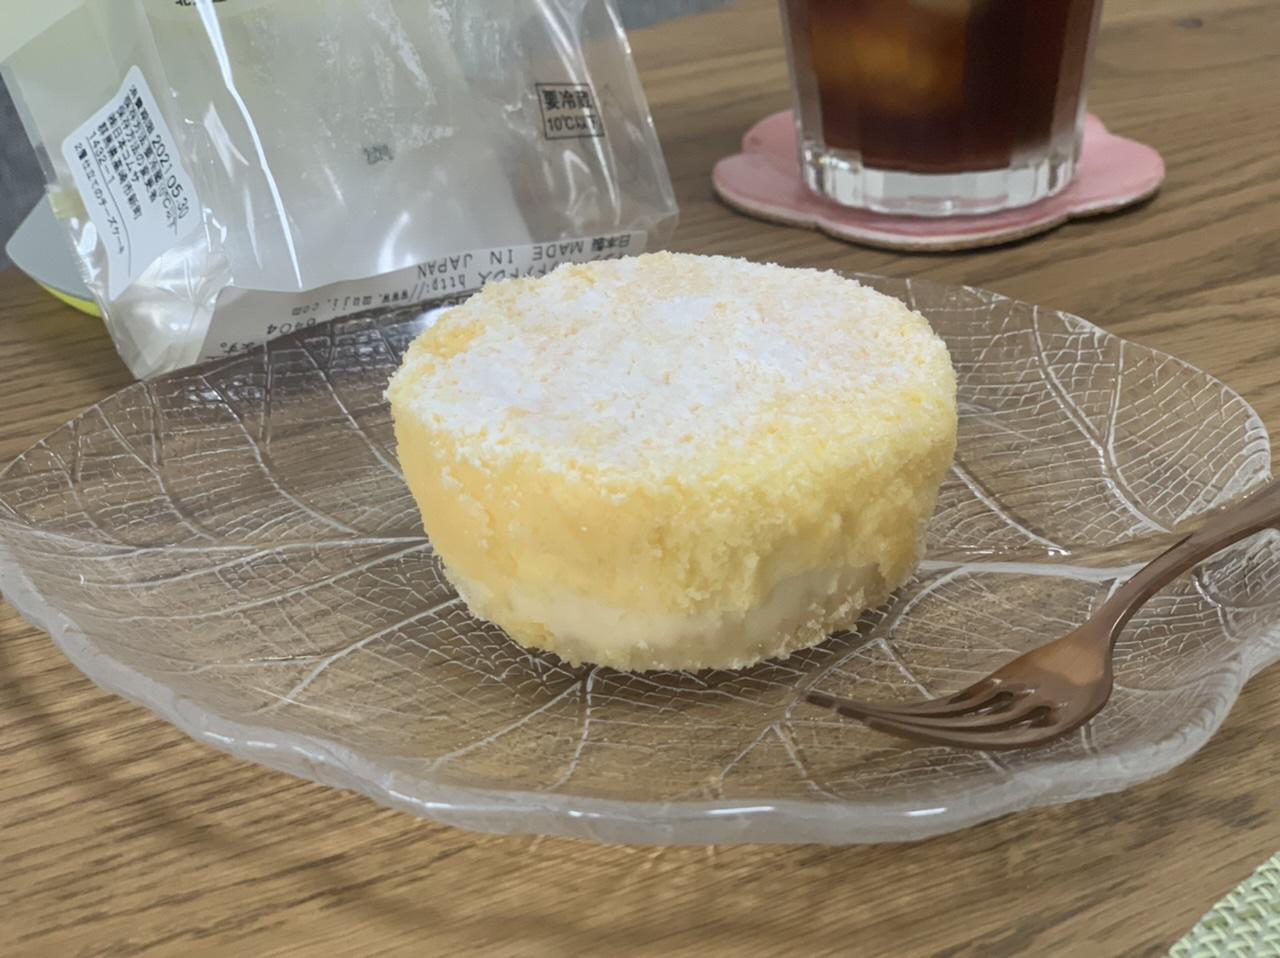 【無印スイーツ】350円は衝撃!2層仕立てのチーズケーキが本格派すぎる♡_4